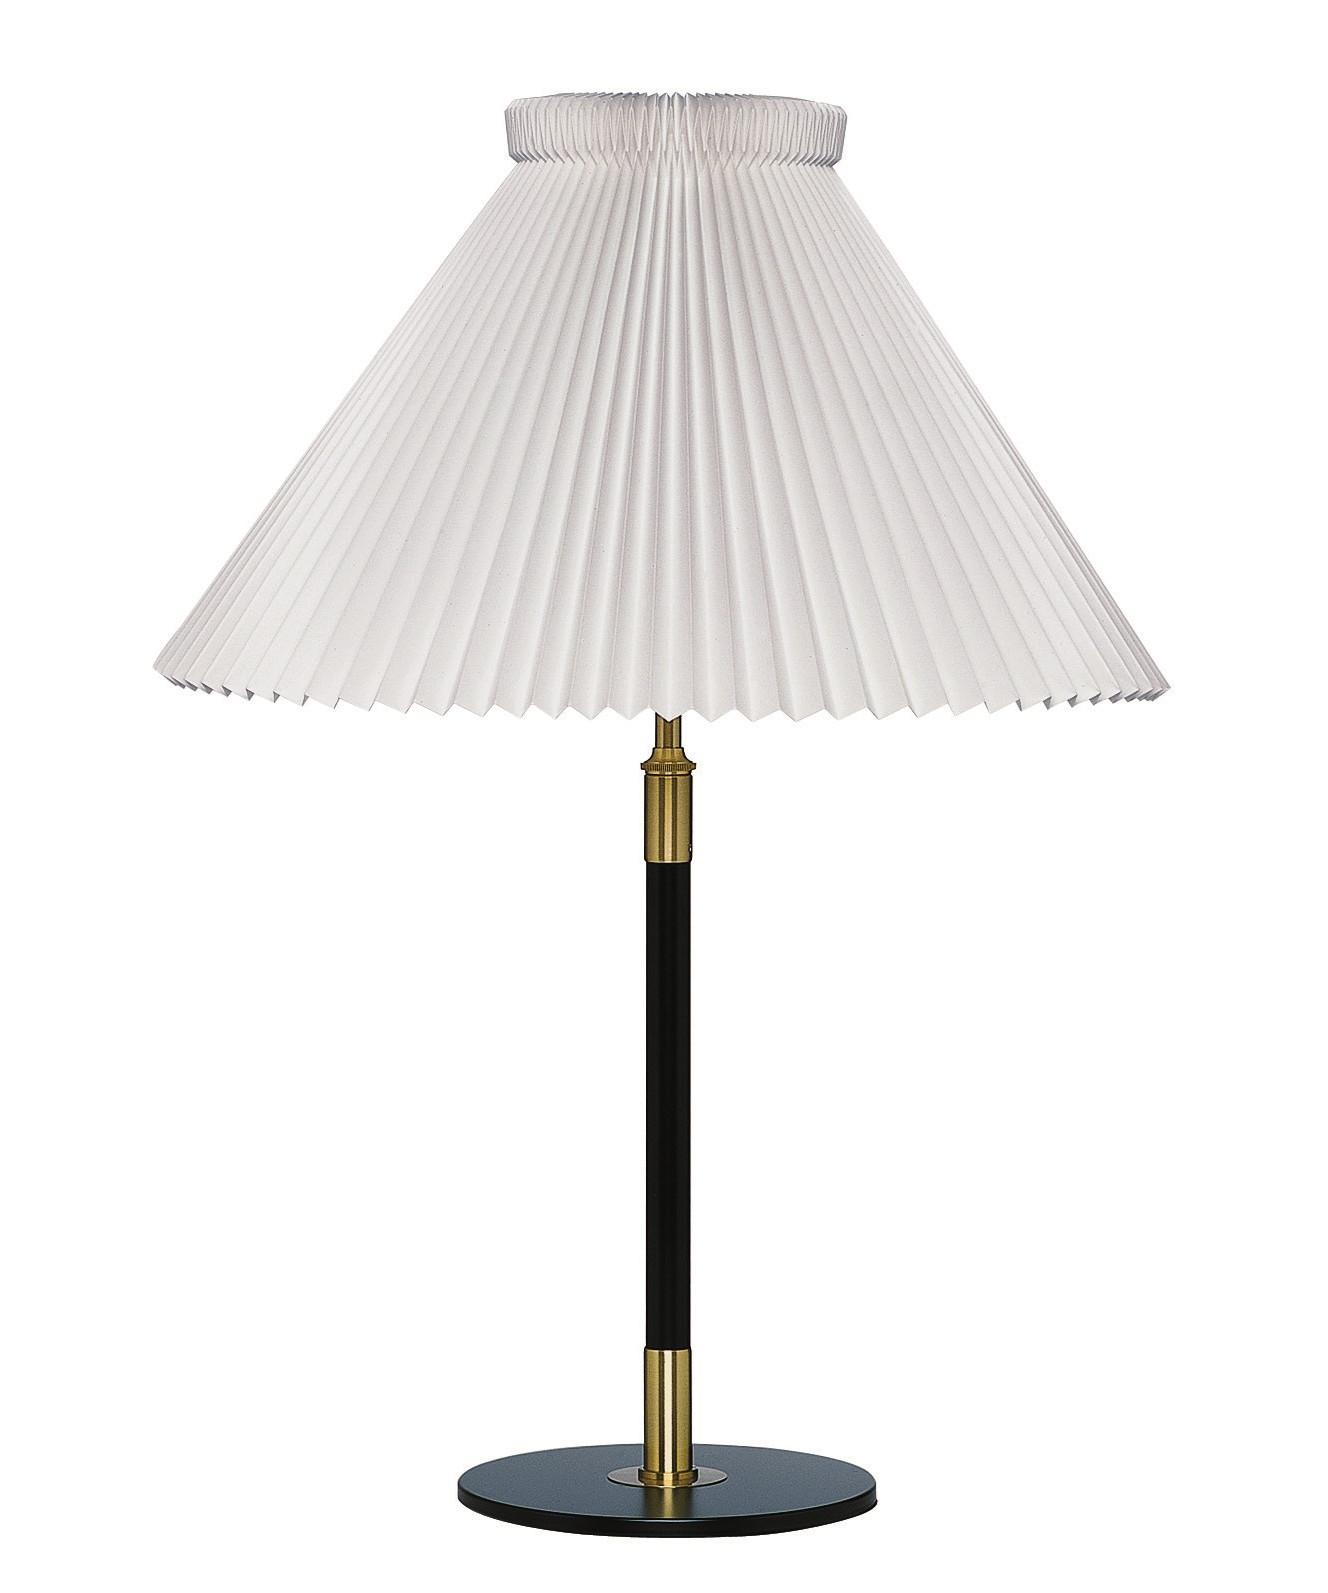 Le Klint 352 Bordlampe - Le Klint